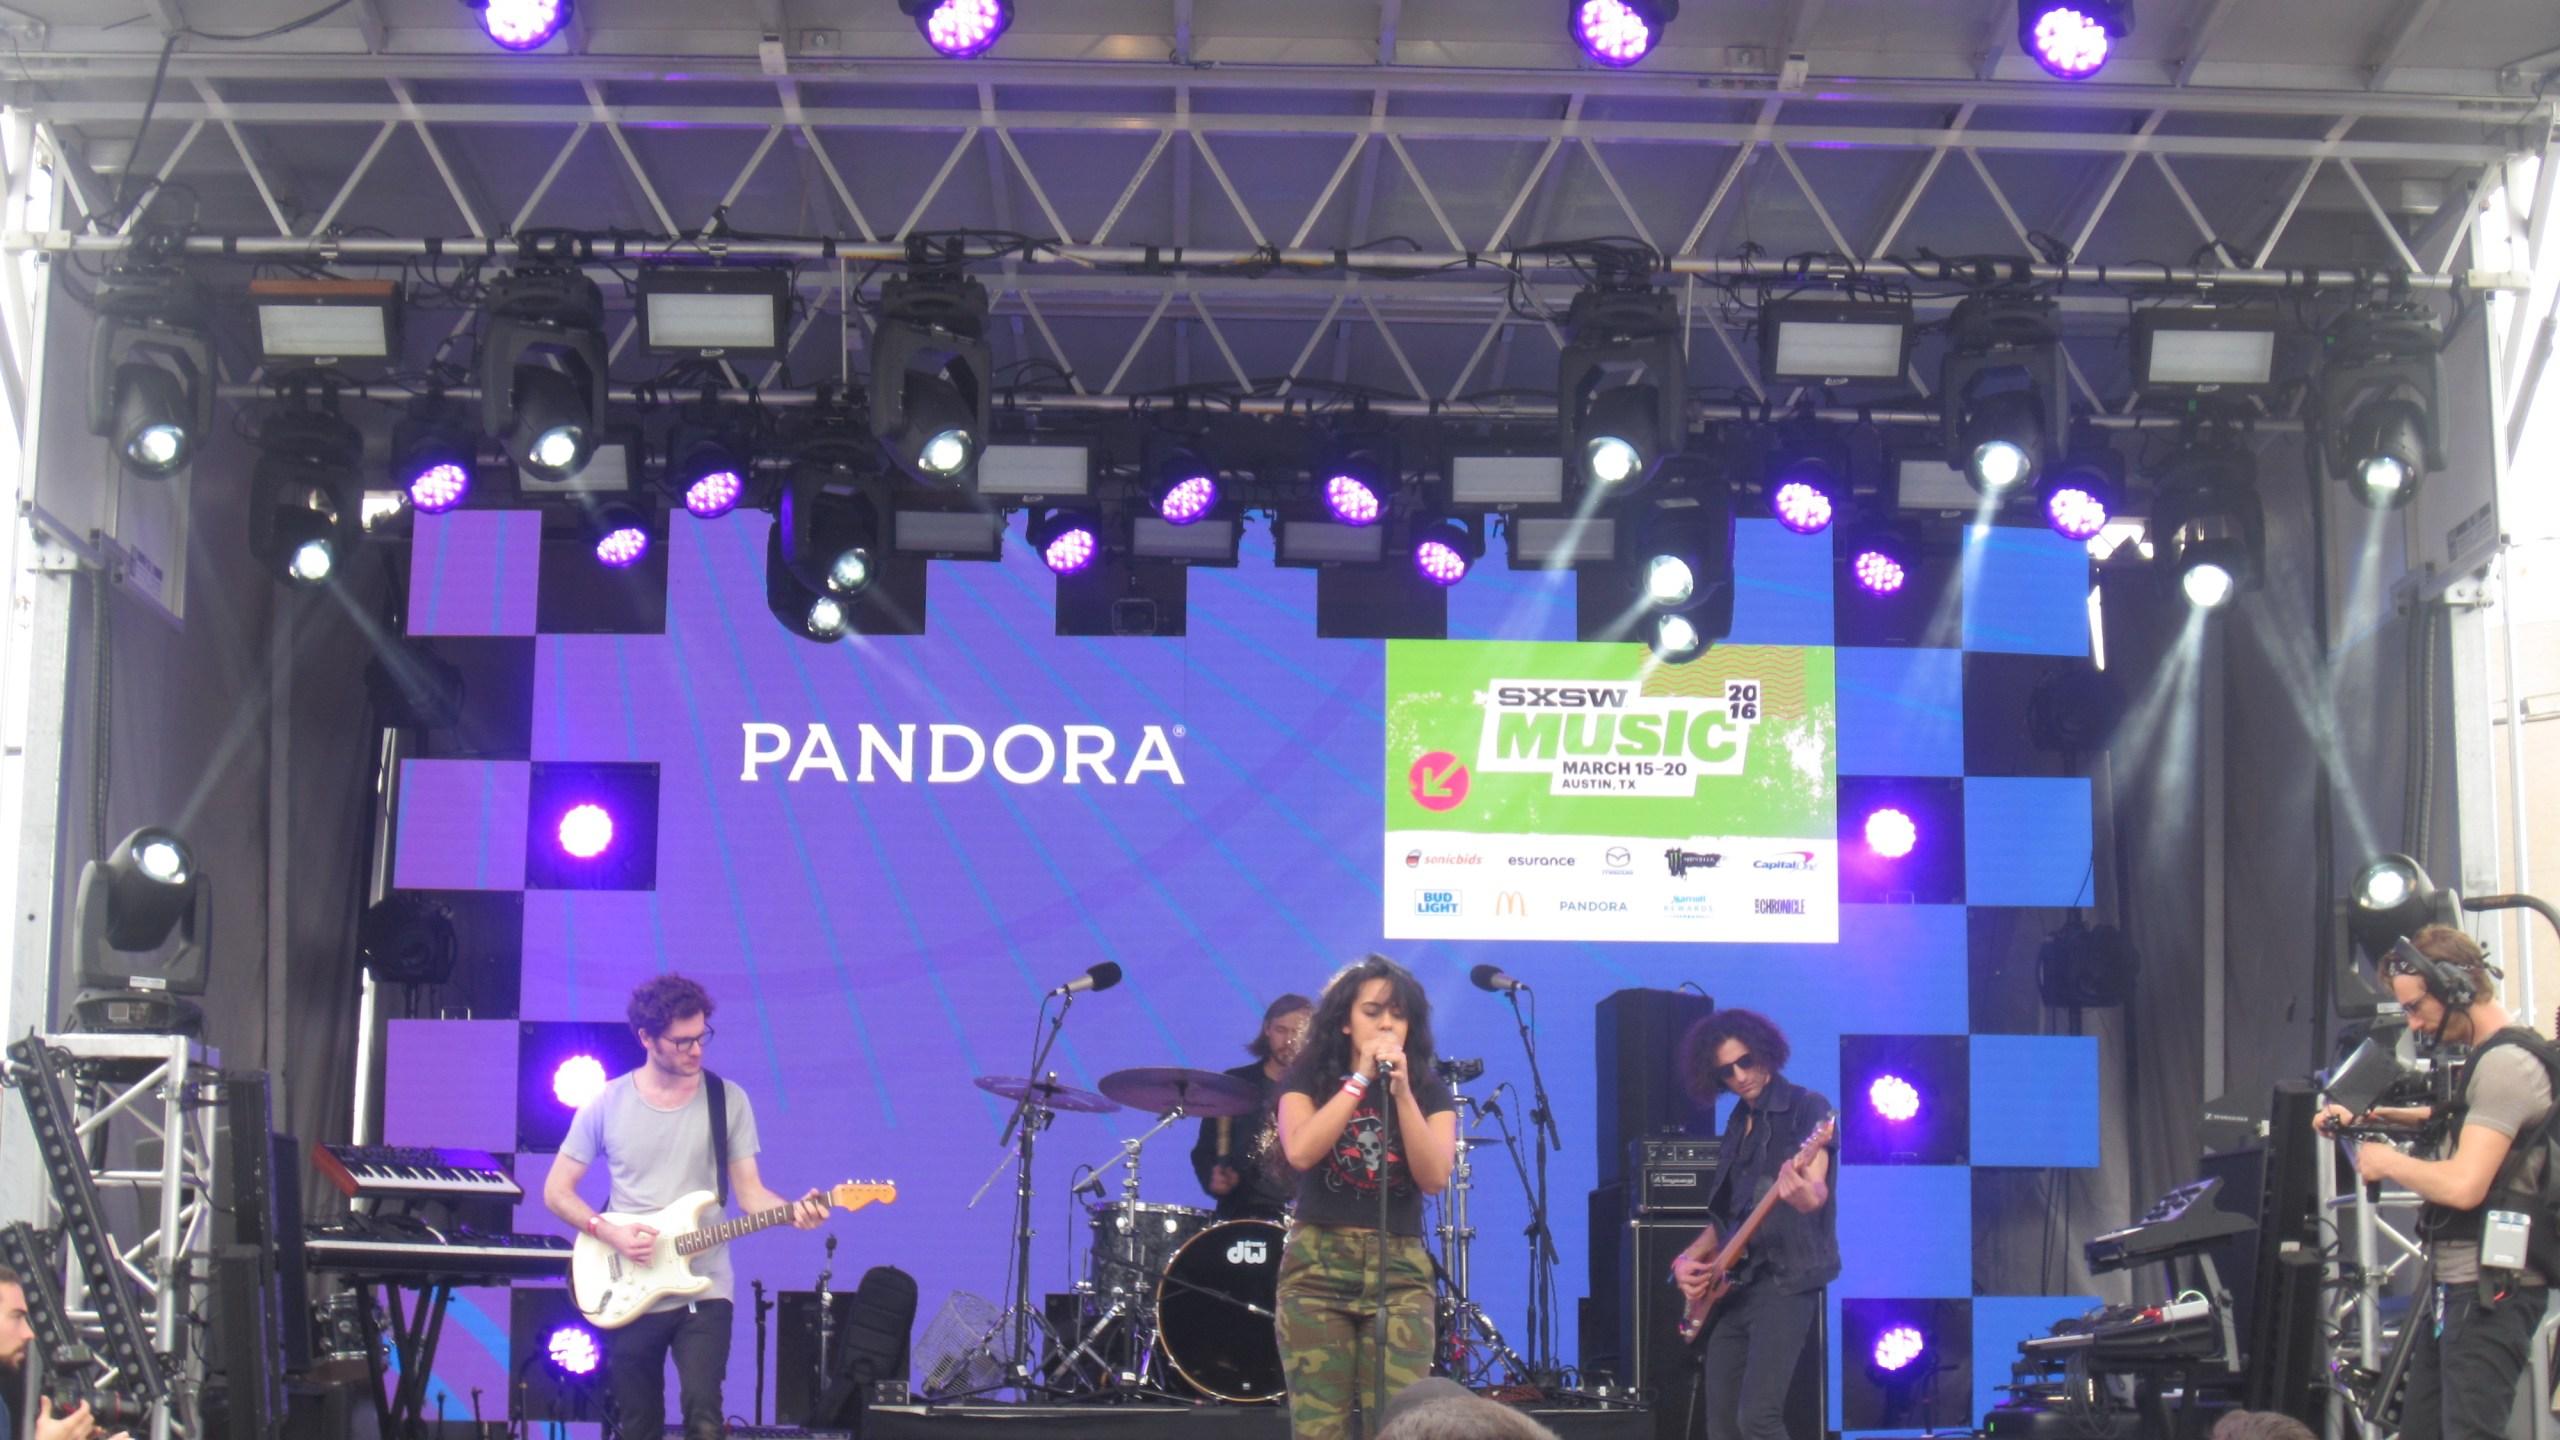 Pandora Event during SXSW 2016_421709